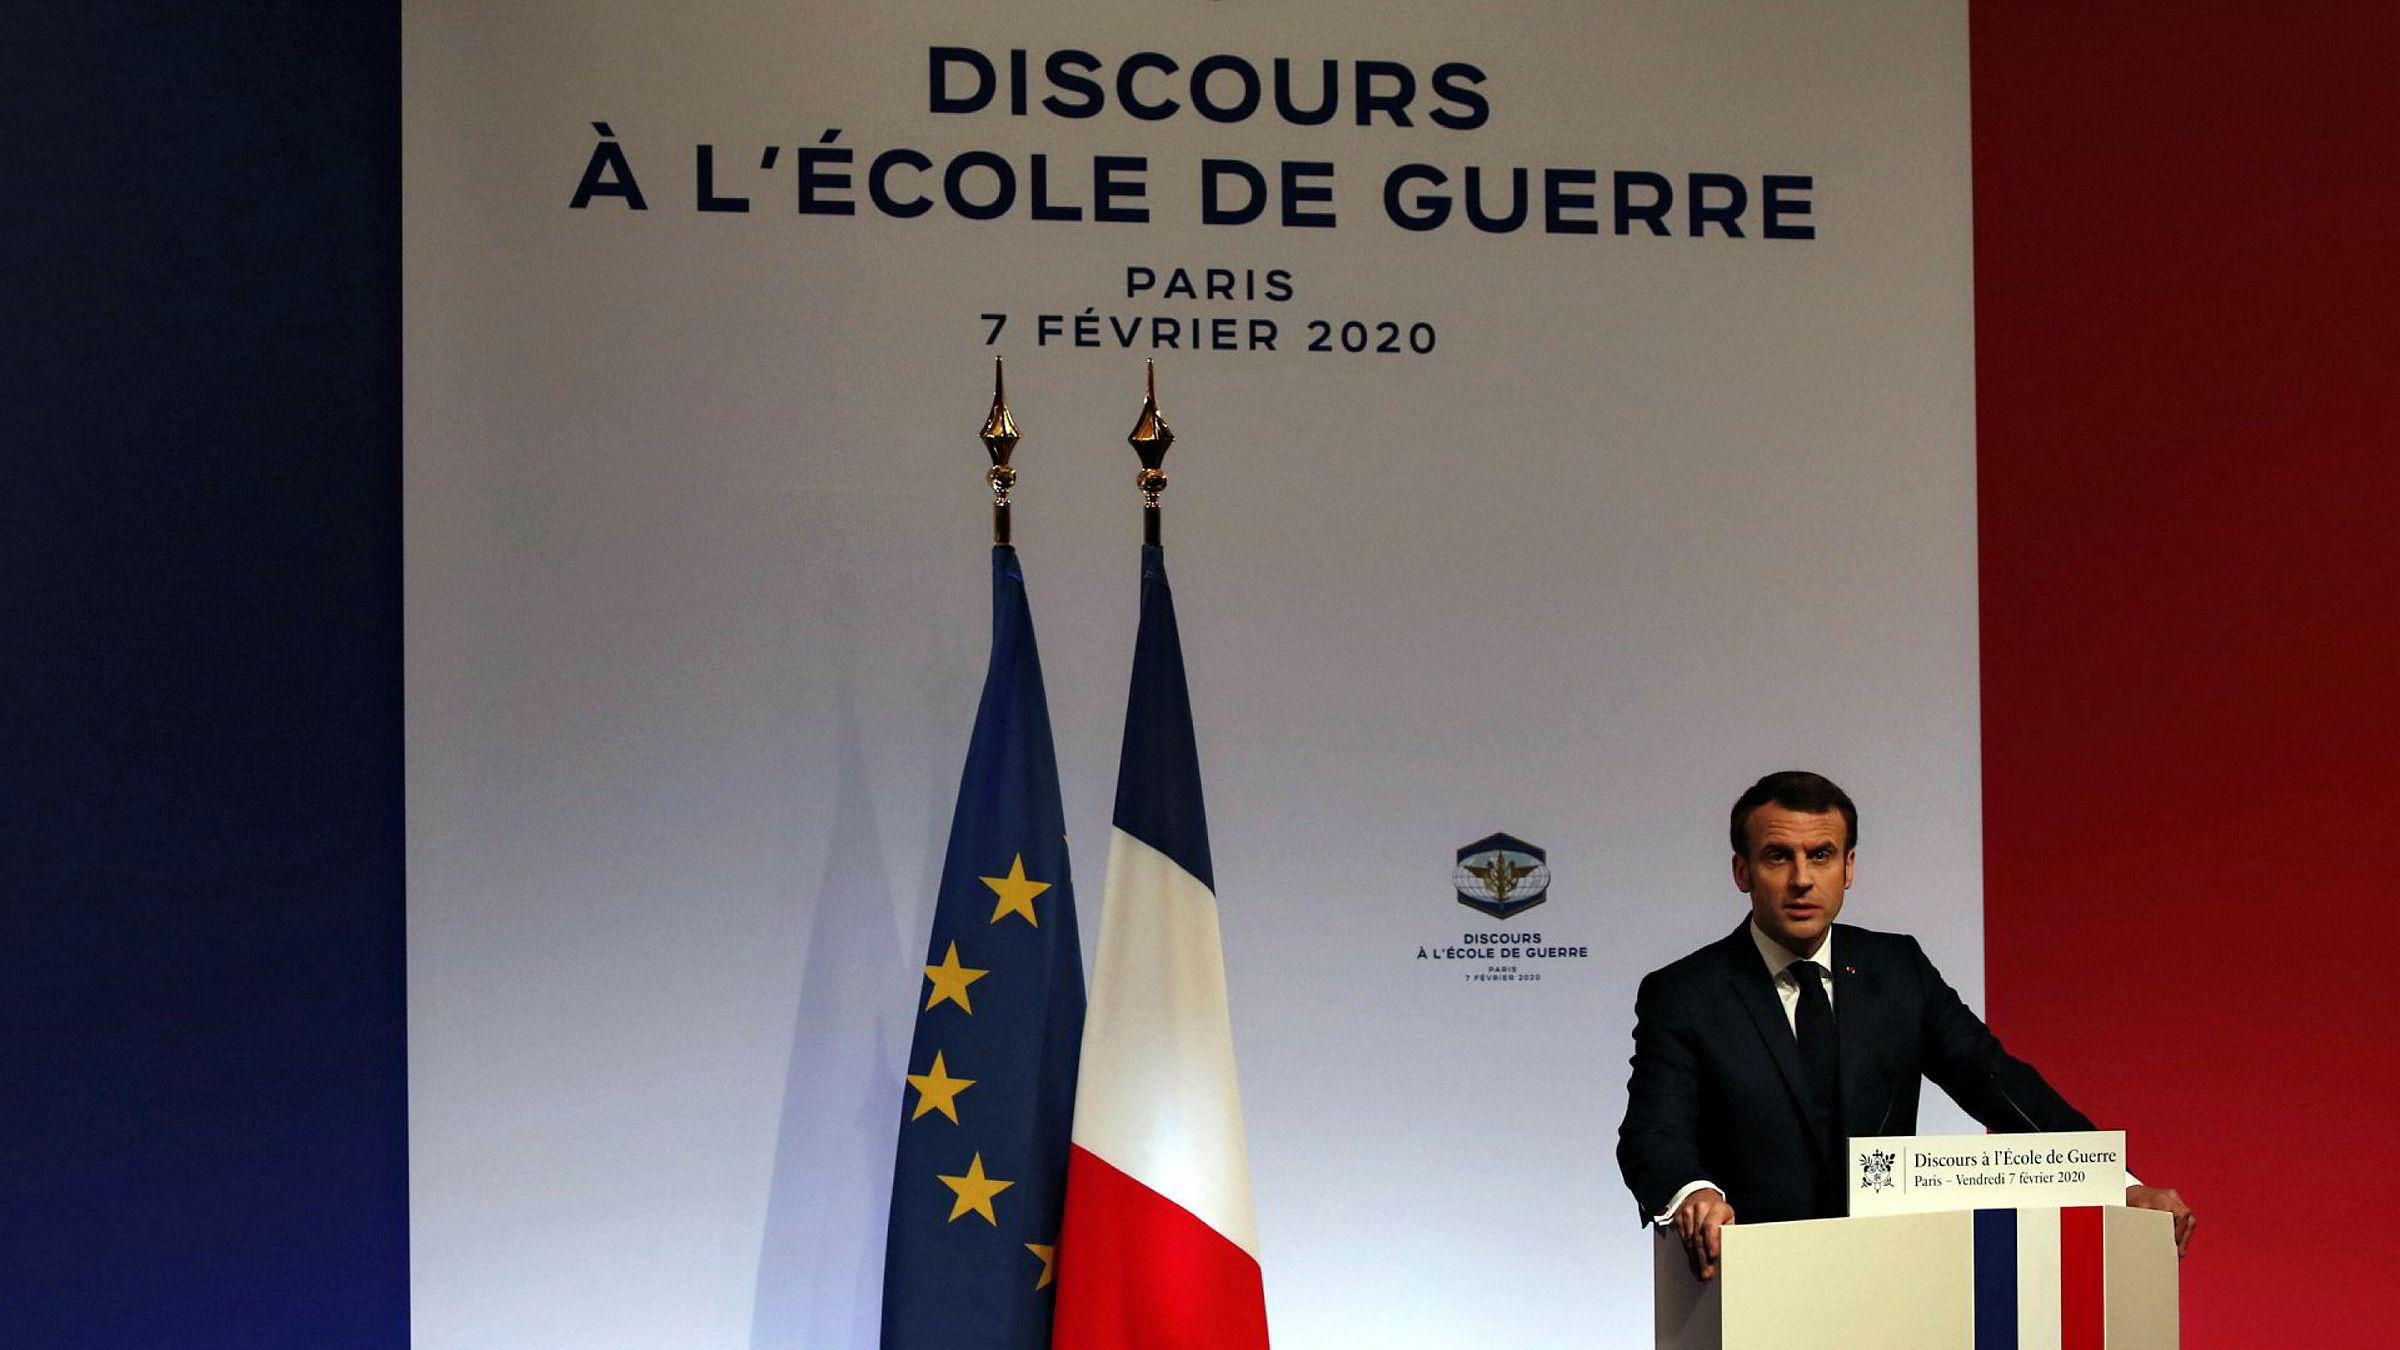 I sin årlige tale på Ecole de guerre krevde president Emmanuel Macron at Europa våkner opp til realpolitikkens realiteter og tar forsvar alvorlig.